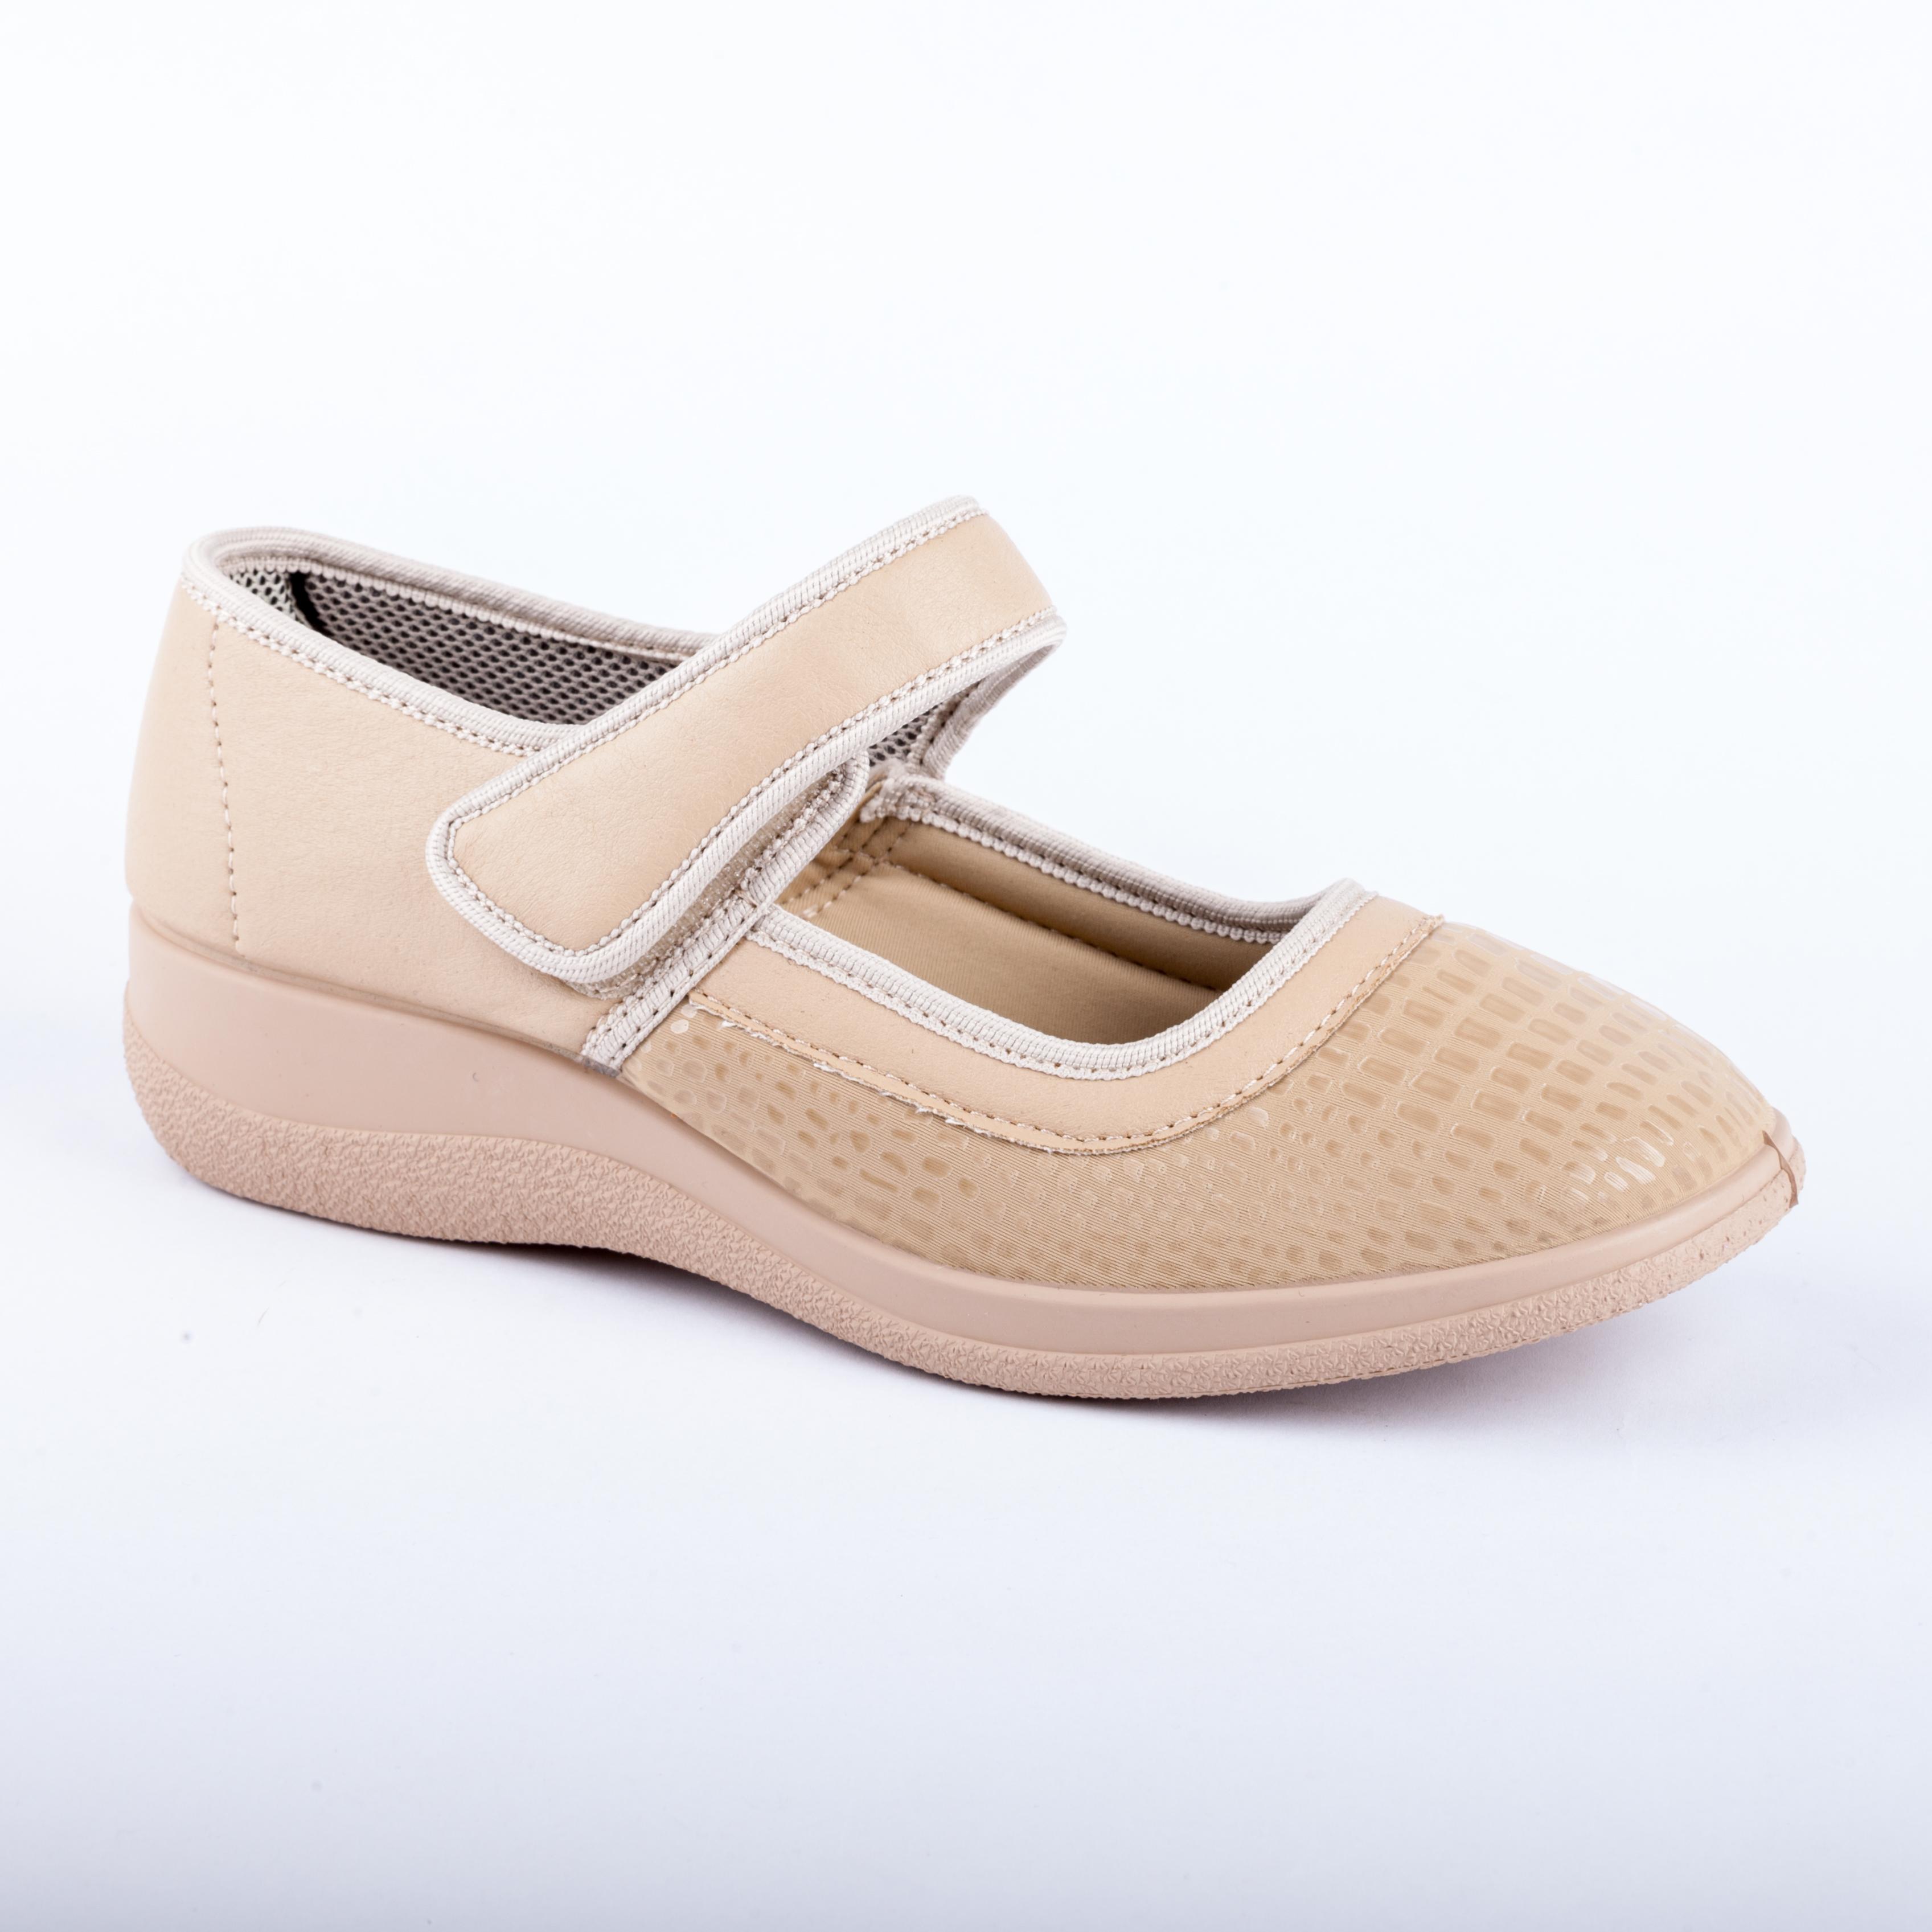 Béžová textilní bota s páskem 7100088